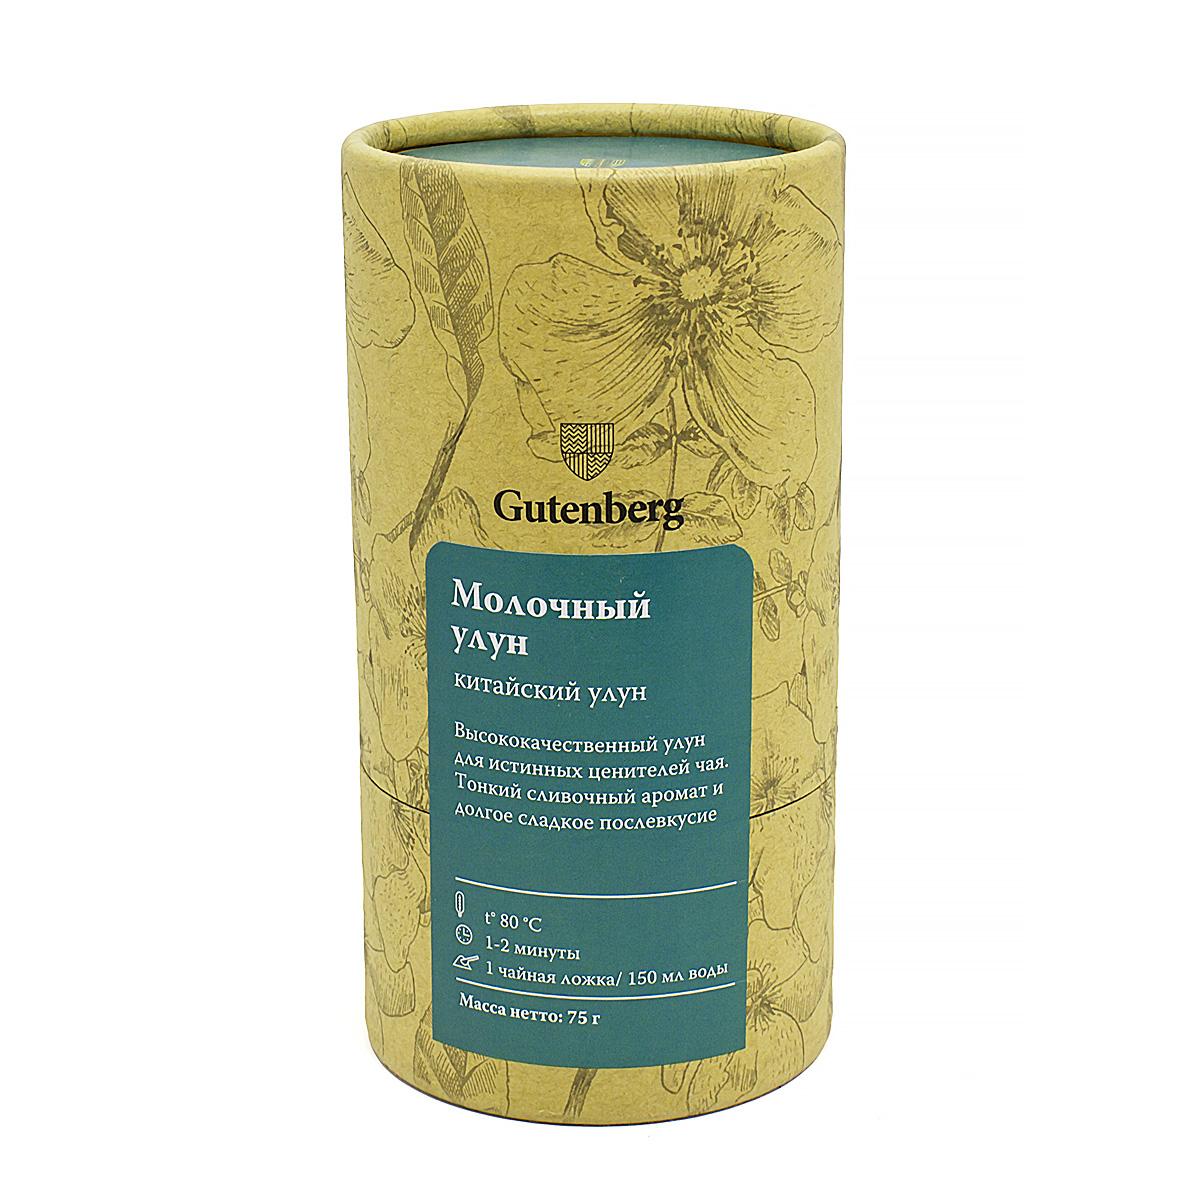 Улун Молочный 1-й категории, тубус, 75 г hilltop волшебный снегопад чай листовой молочный оолонг 100 г